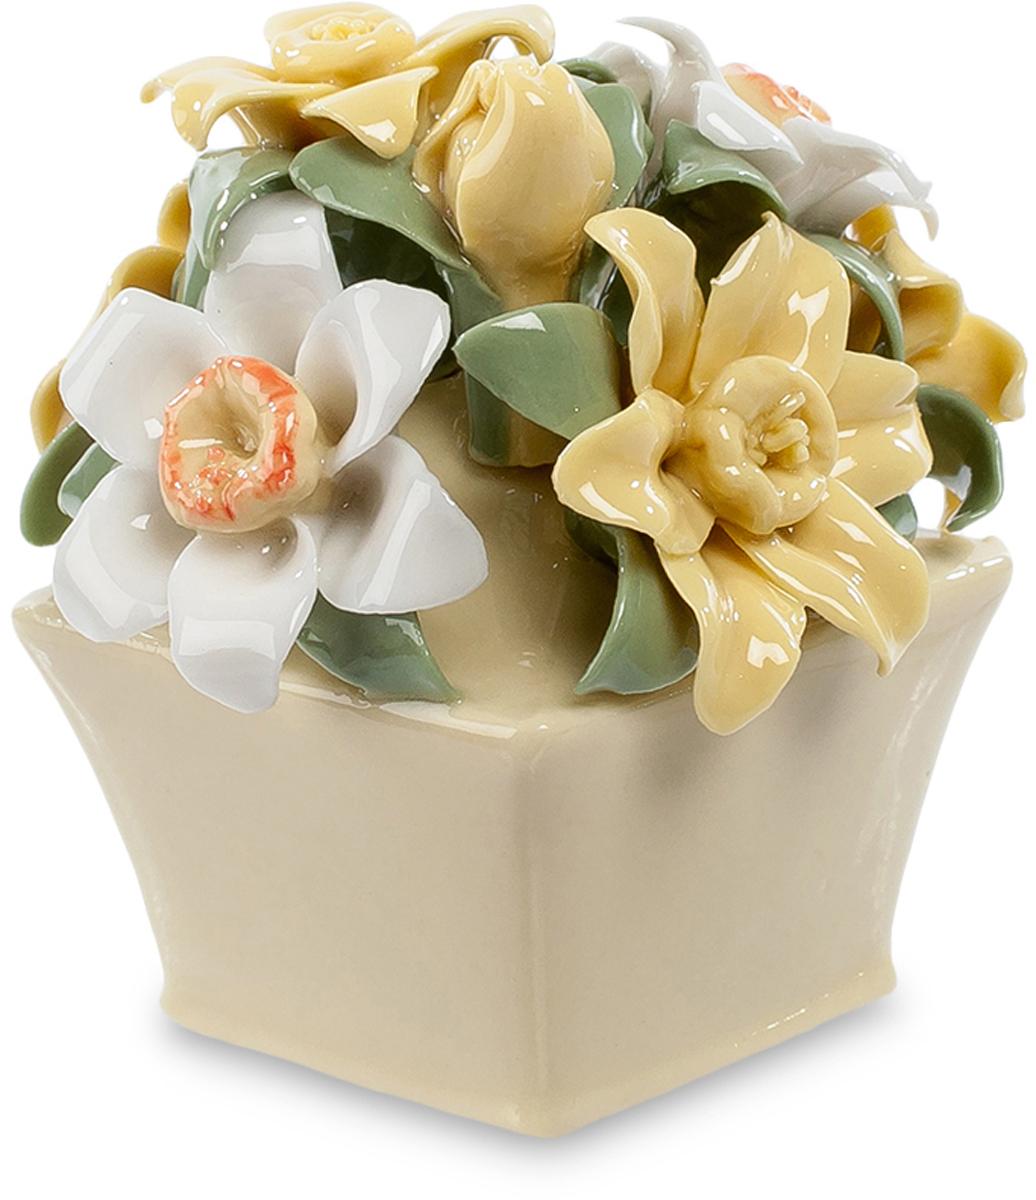 Цветочная композиция Pavone Нарцисс. CMS-33/49THN132NЦветочная композиция Нарцисс (Pavone) Эта миниатюрная цветочная композиция – превосходный сувенир, напоминающий о лете и о том, кто вам подарит этот фарфоровый букетик. Цветы и листья выполнены настолько тщательно, что кажутся живыми, хотя на самом деле эти белые и желтоватые нарциссы изготовлены из тончайшего фарфора. Пусть эта коробочка с цветами такая маленькая, все равно, глядя на нее, вы будете вспоминать время, когда распускаются цветы. В комнате станет теплее, и радость вернется в вашу душу. Эти цветы никогда не завянут, им стоять годы, оставаясь свежими и яркими среди любых невзгод и холодов. Это – тот редкий случай, когда искусственные цветы не уступают настоящим.